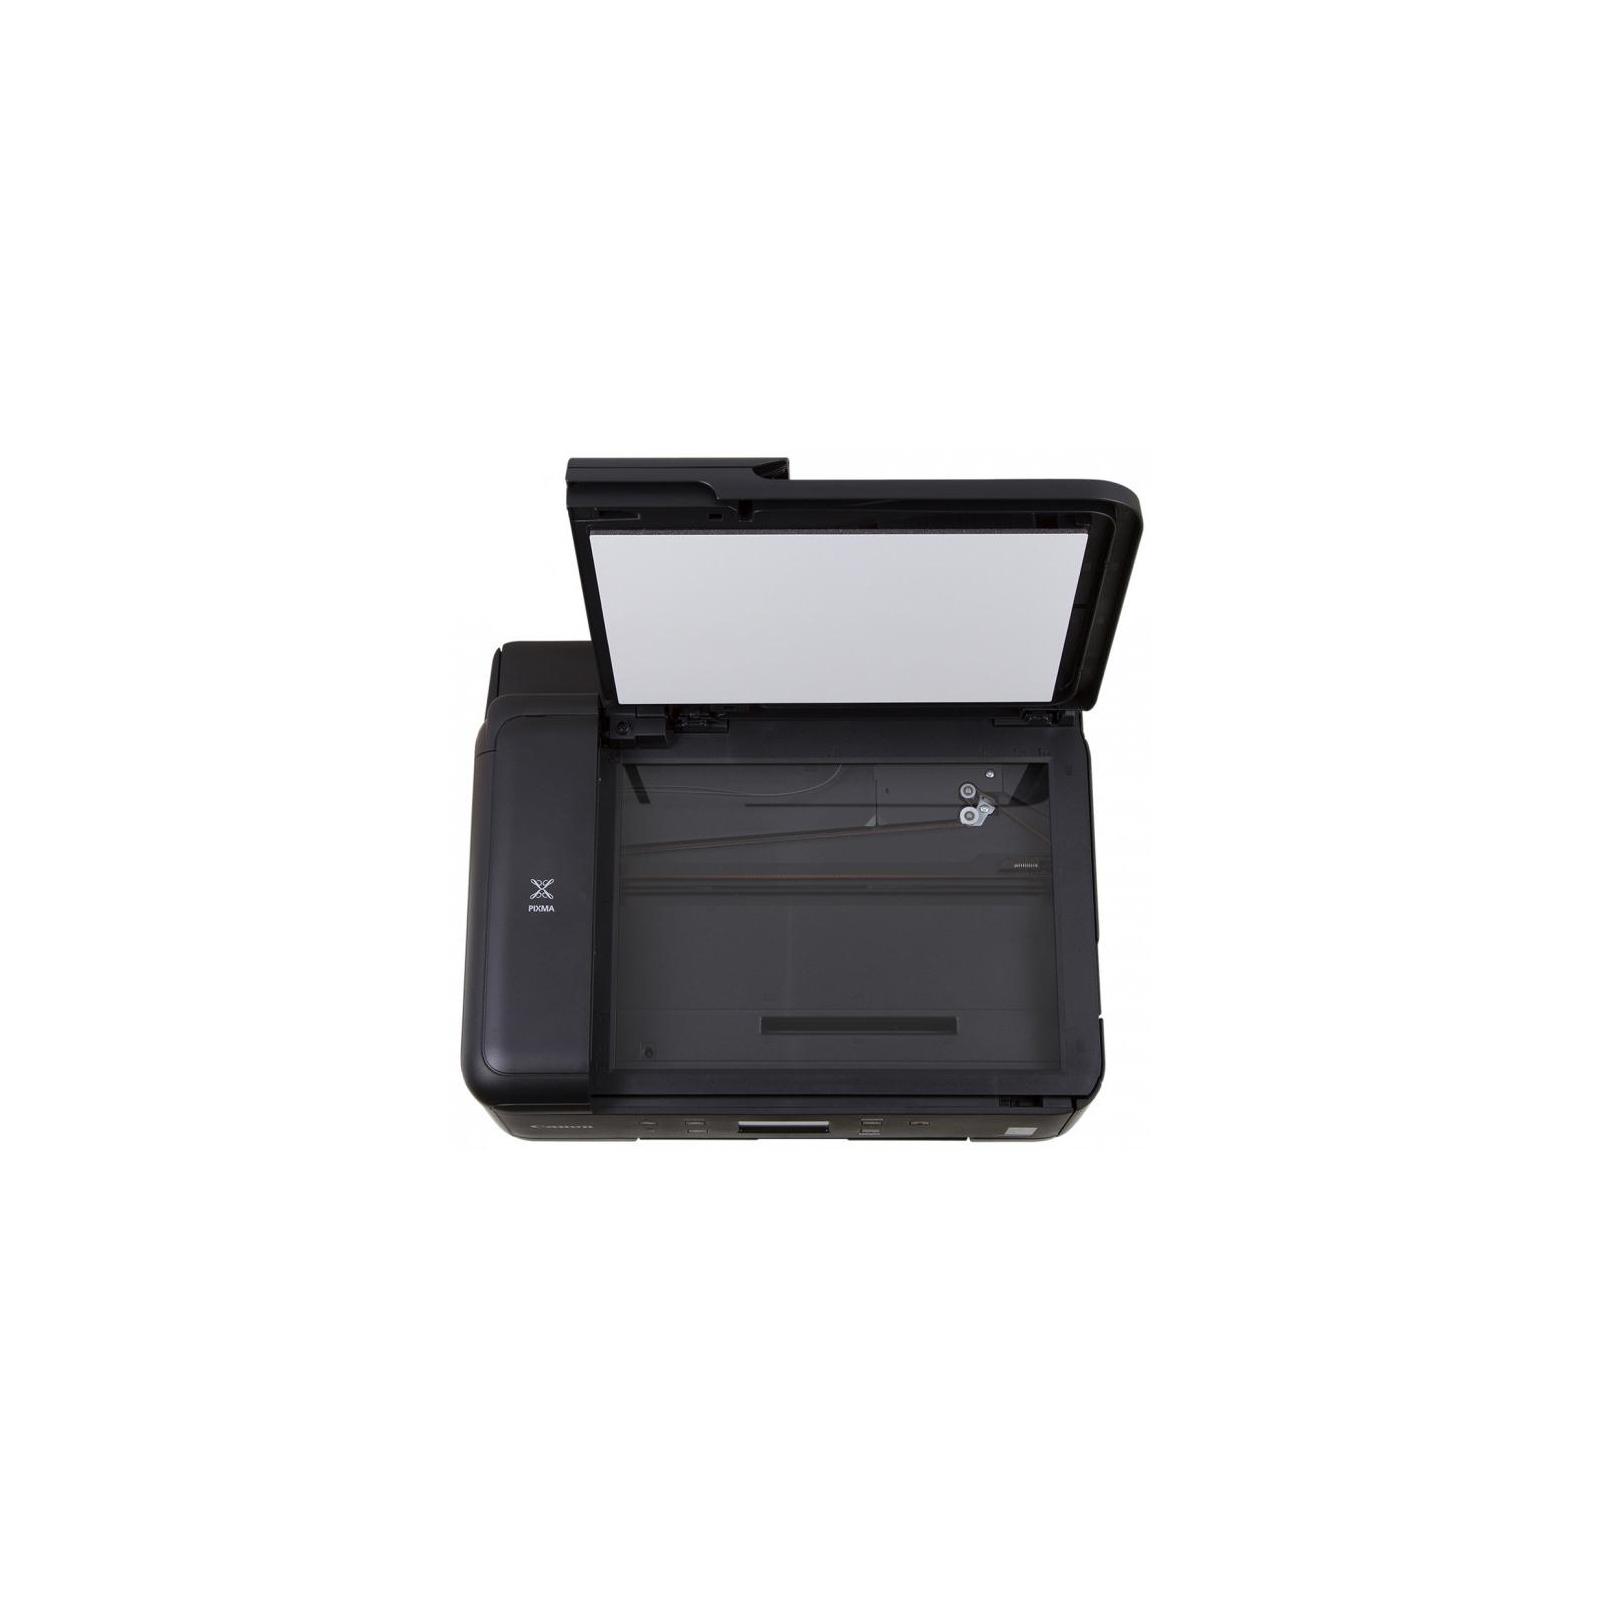 Многофункциональное устройство Canon PIXMA TR7540 BLACK (2232C007) изображение 6